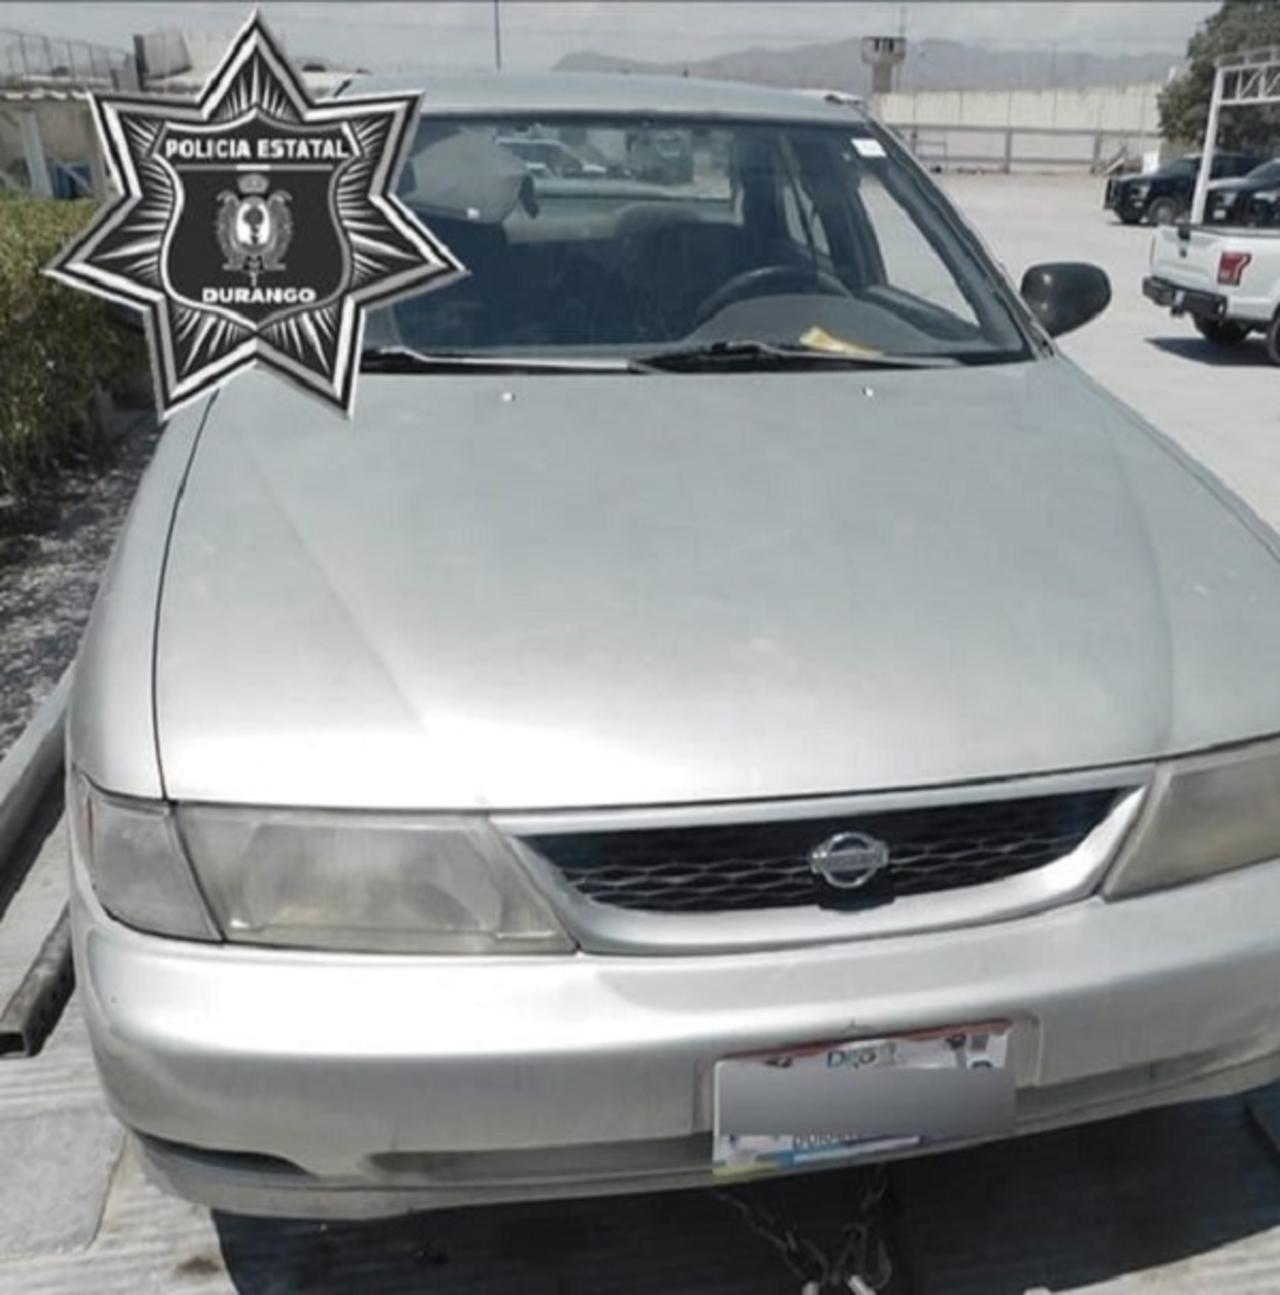 Aseguran en Gómez Palacio un vehículo con reporte de robo